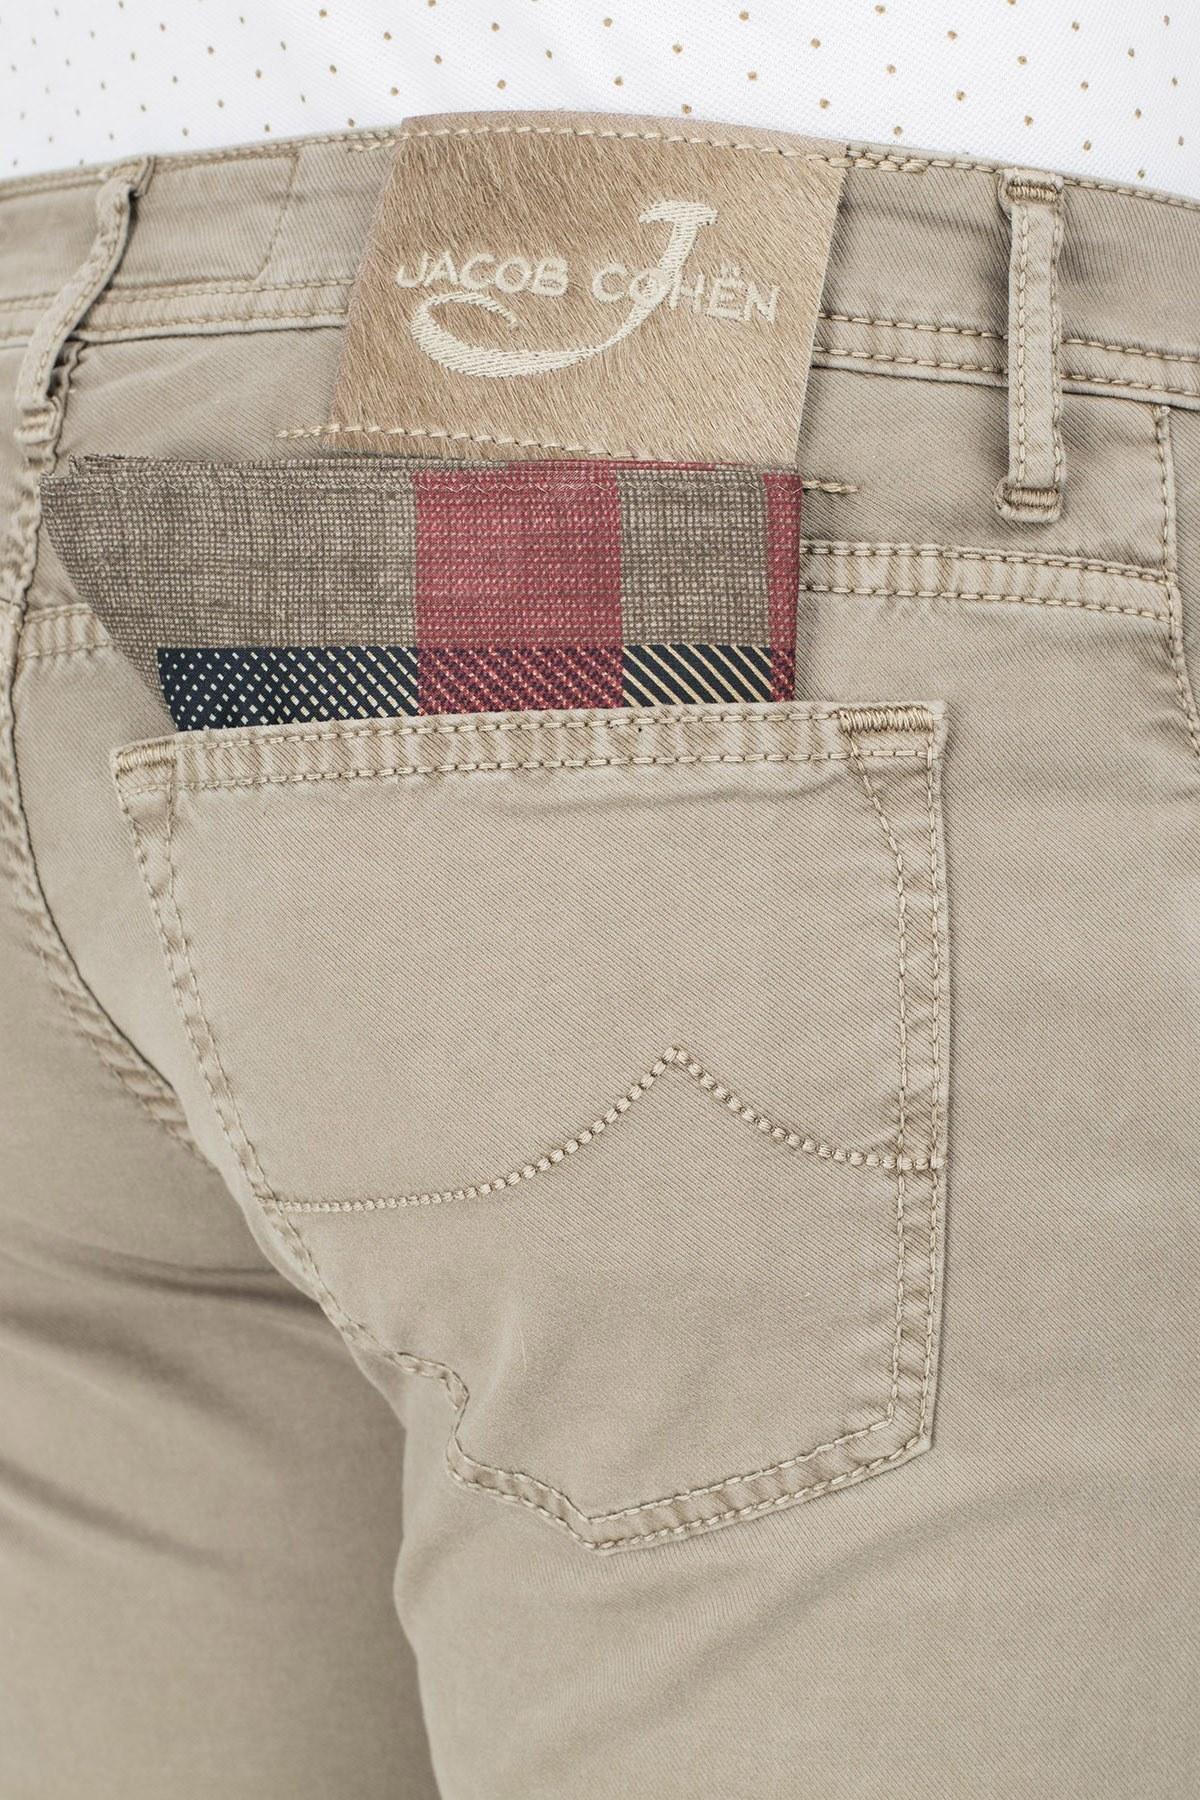 Jacob Cohen Jeans Erkek Pamuklu Pantolon J688 566V 308 TOPRAK